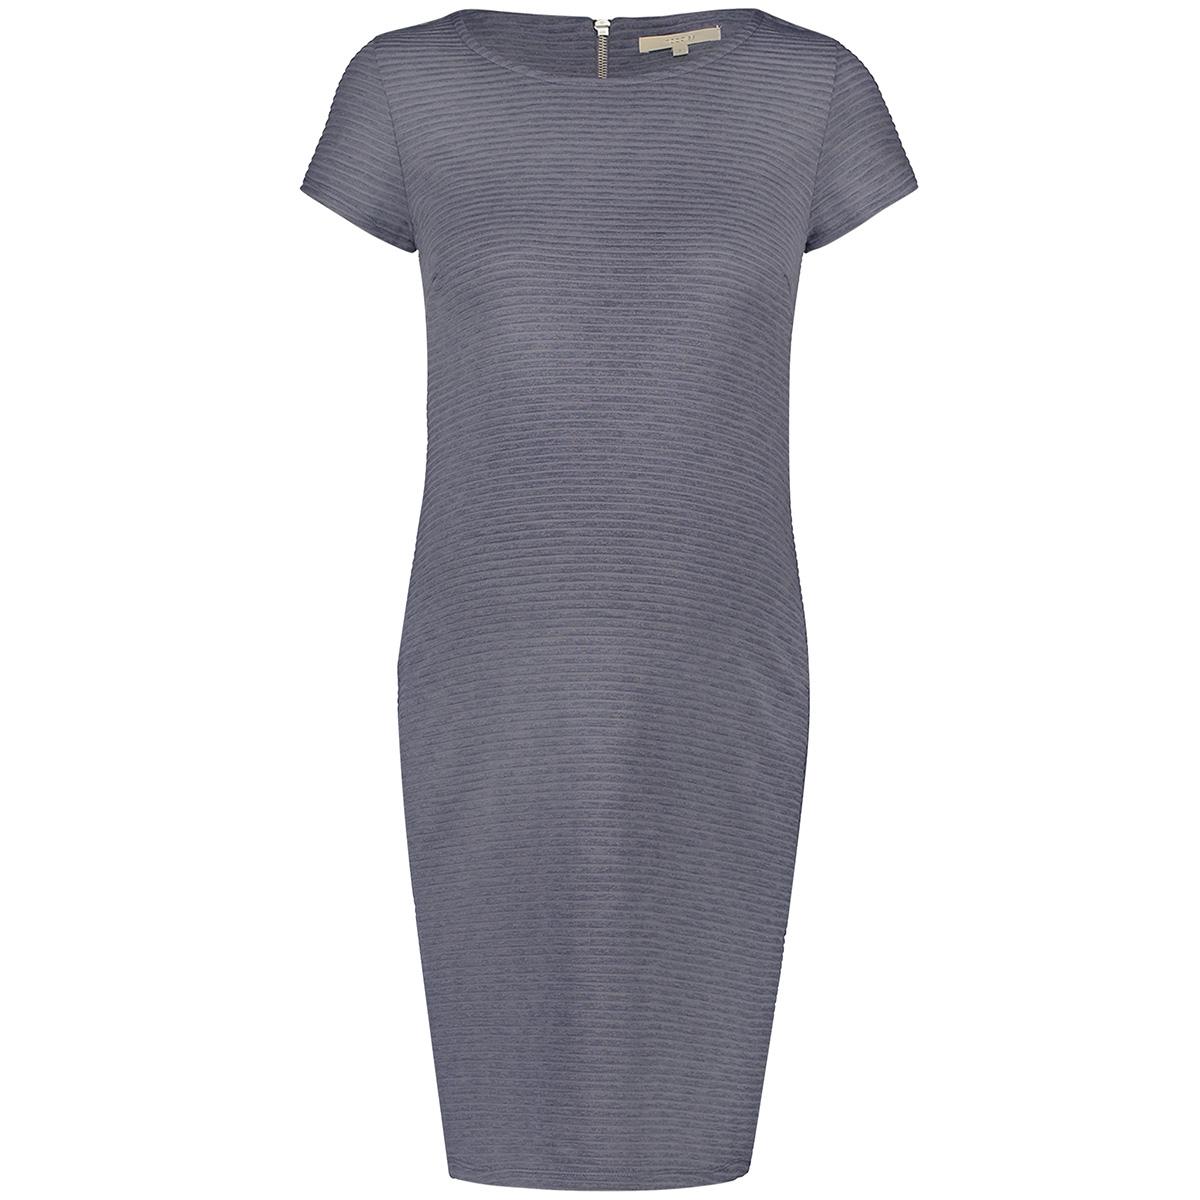 80120 dress aniek noppies positie jurk medium grey